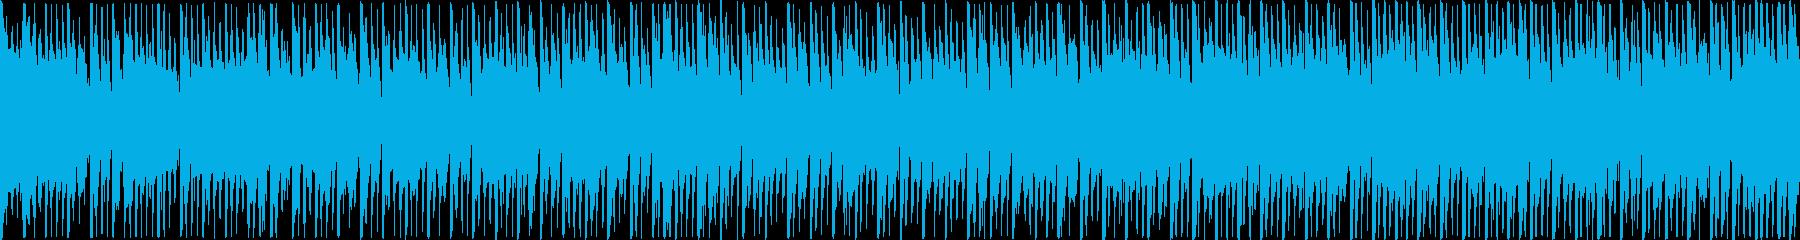 ☆ヒーロー見参!ループver2の再生済みの波形